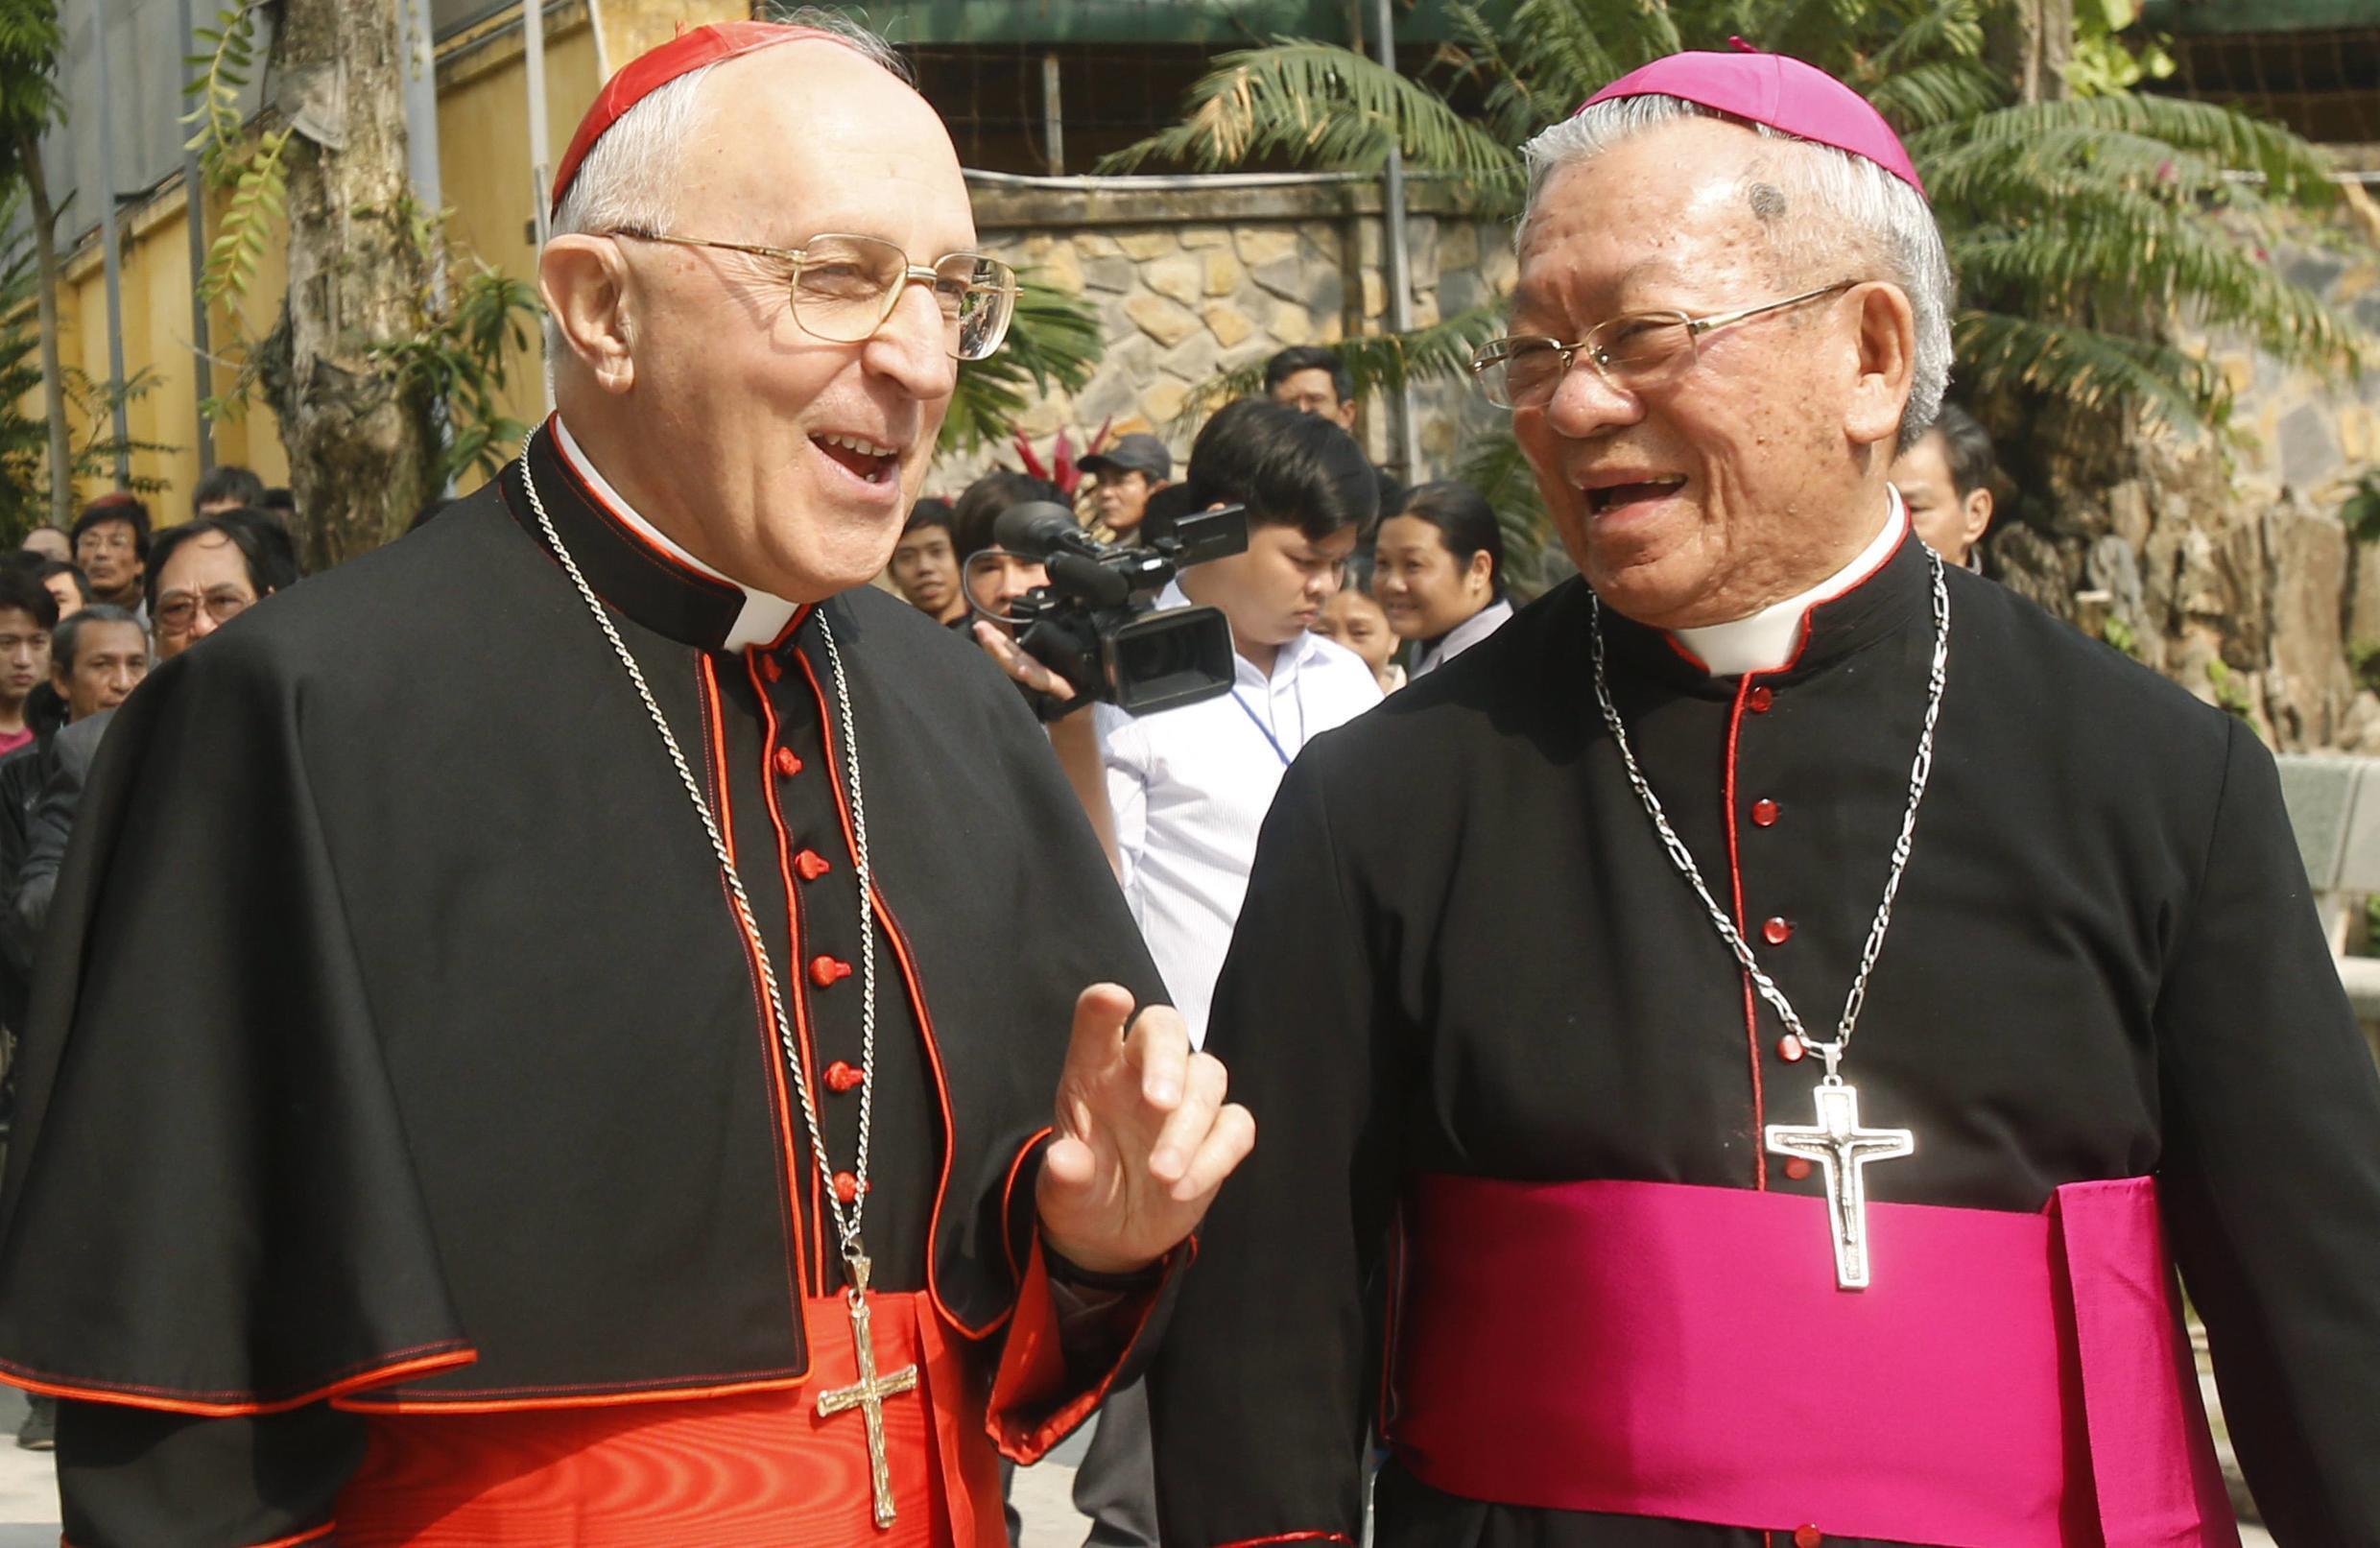 Hồng Y Nguyễn Văn Nhơn (Phải ) tiếp Hồng y Cardinal Fernando Filoni của Vatican tại Hà Nội ngày 20/01/2015.